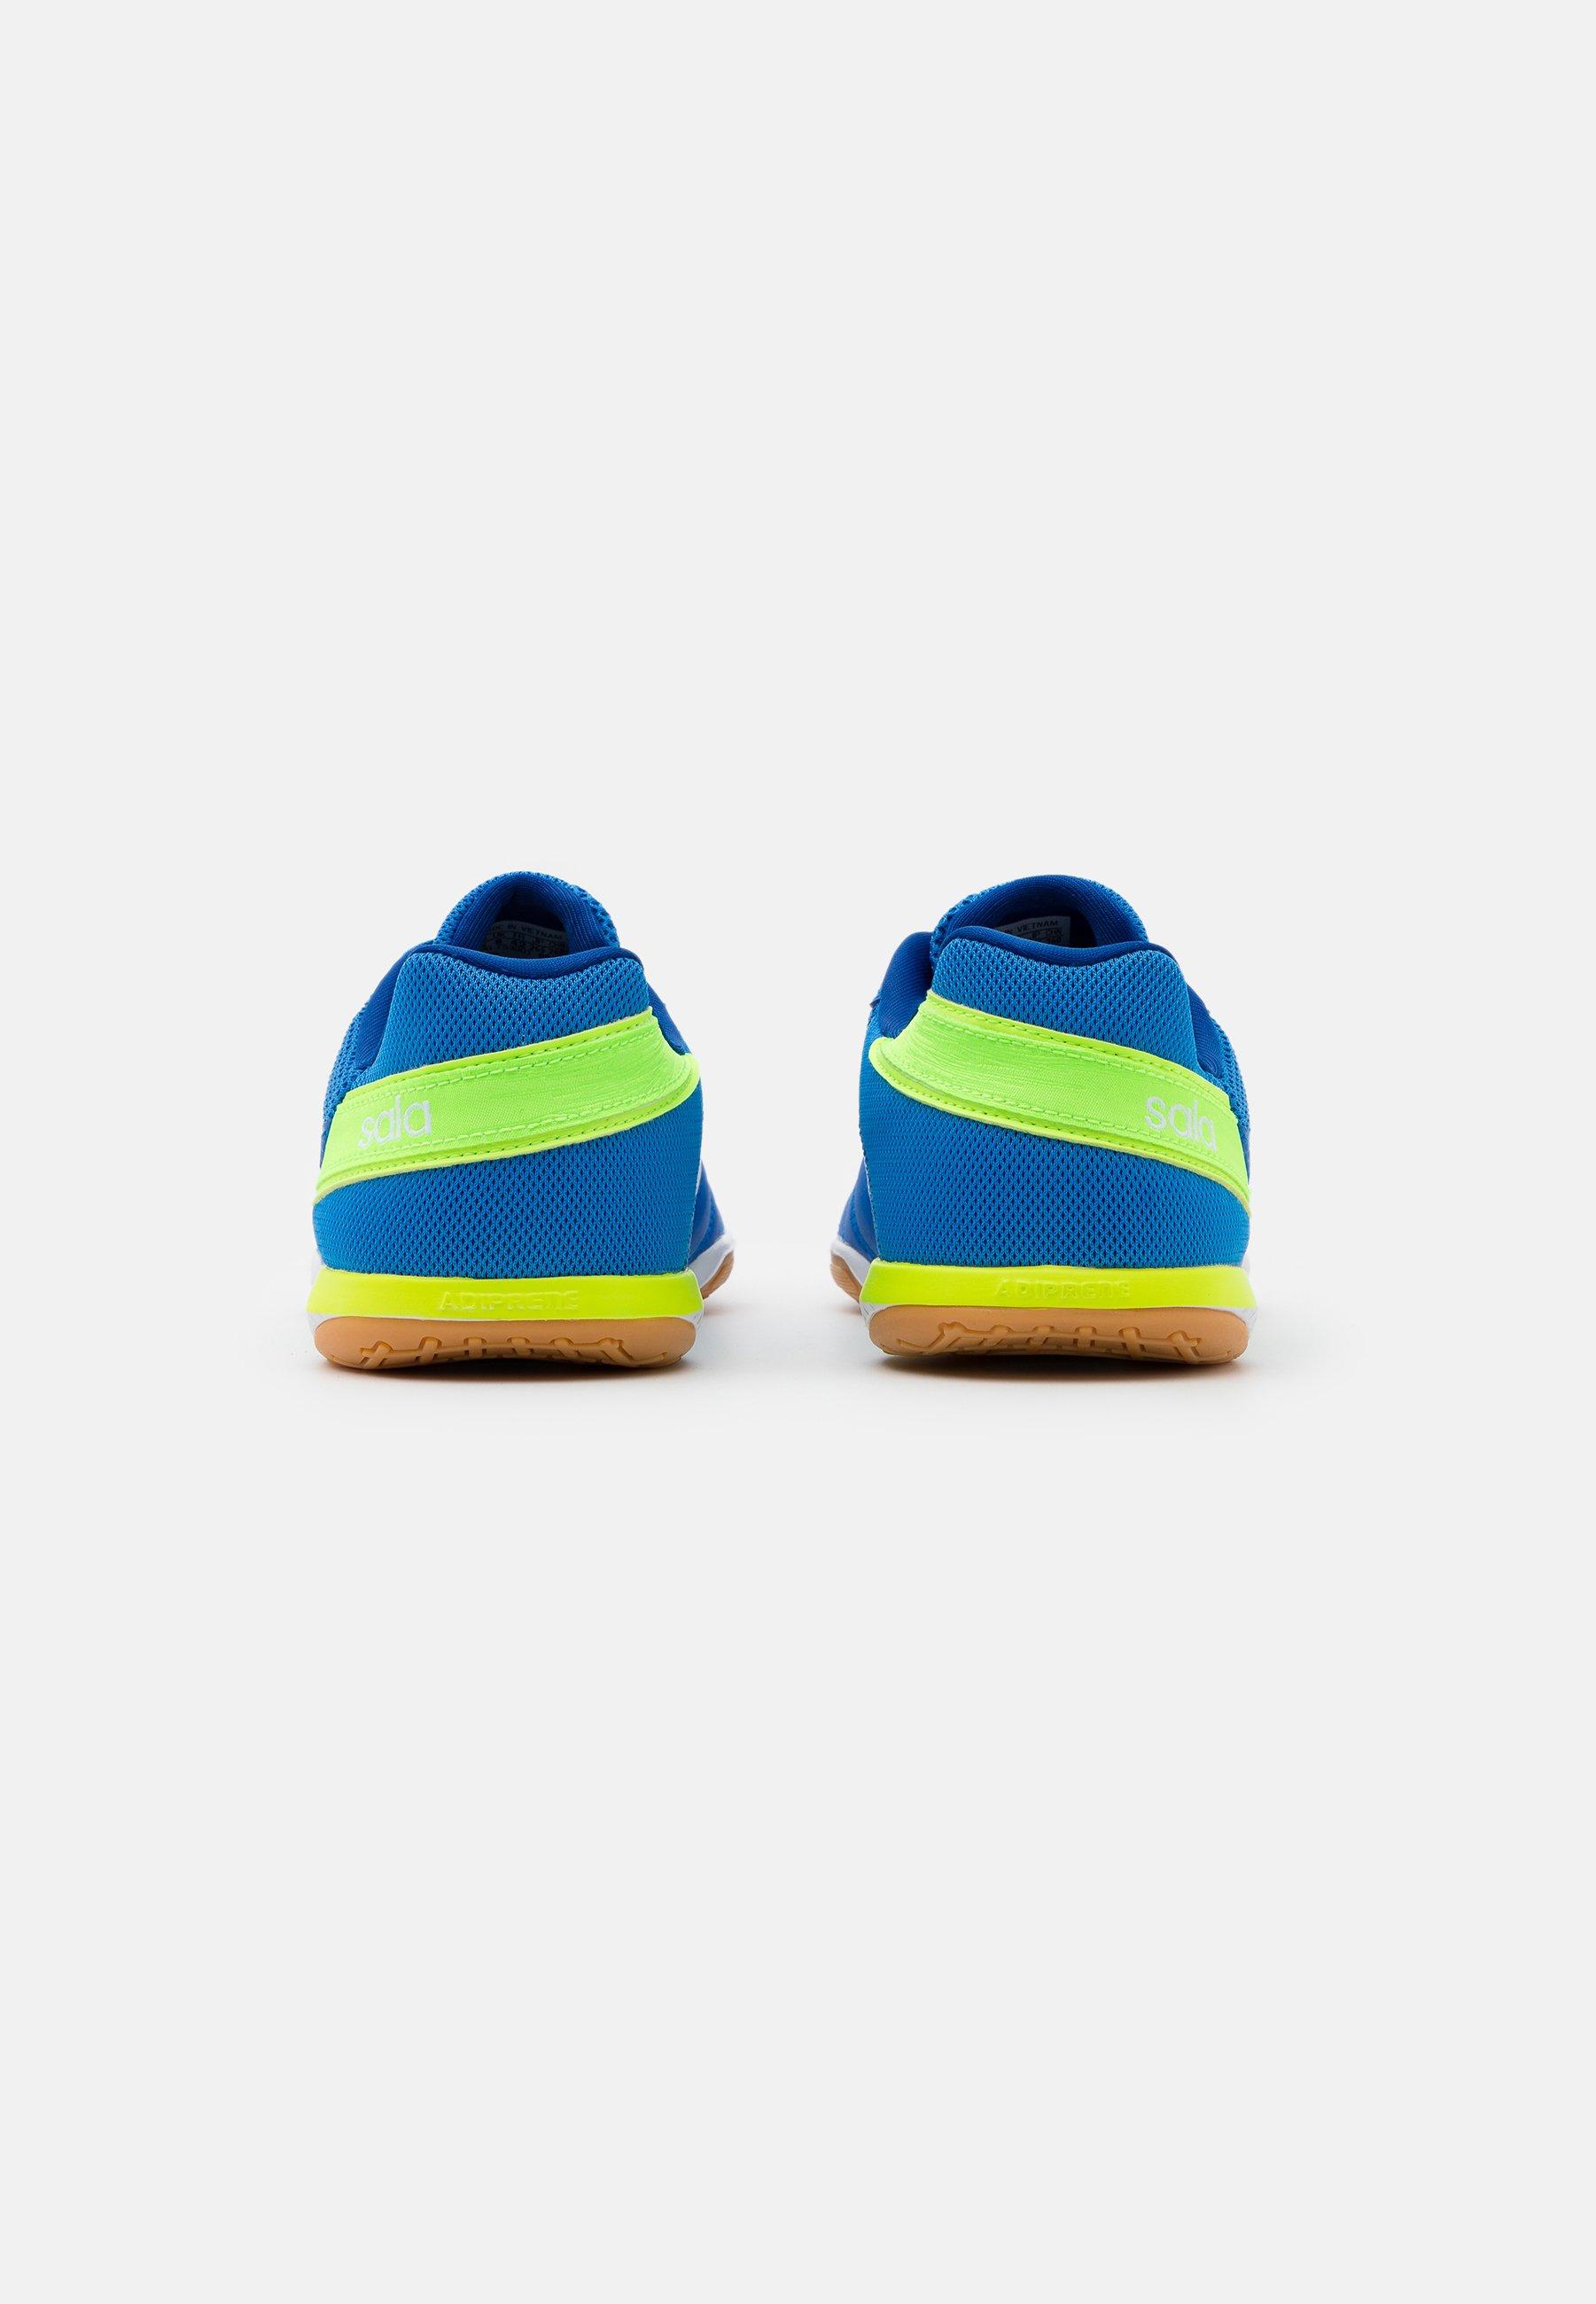 Uomo TOP SALA - Scarpe da calcetto